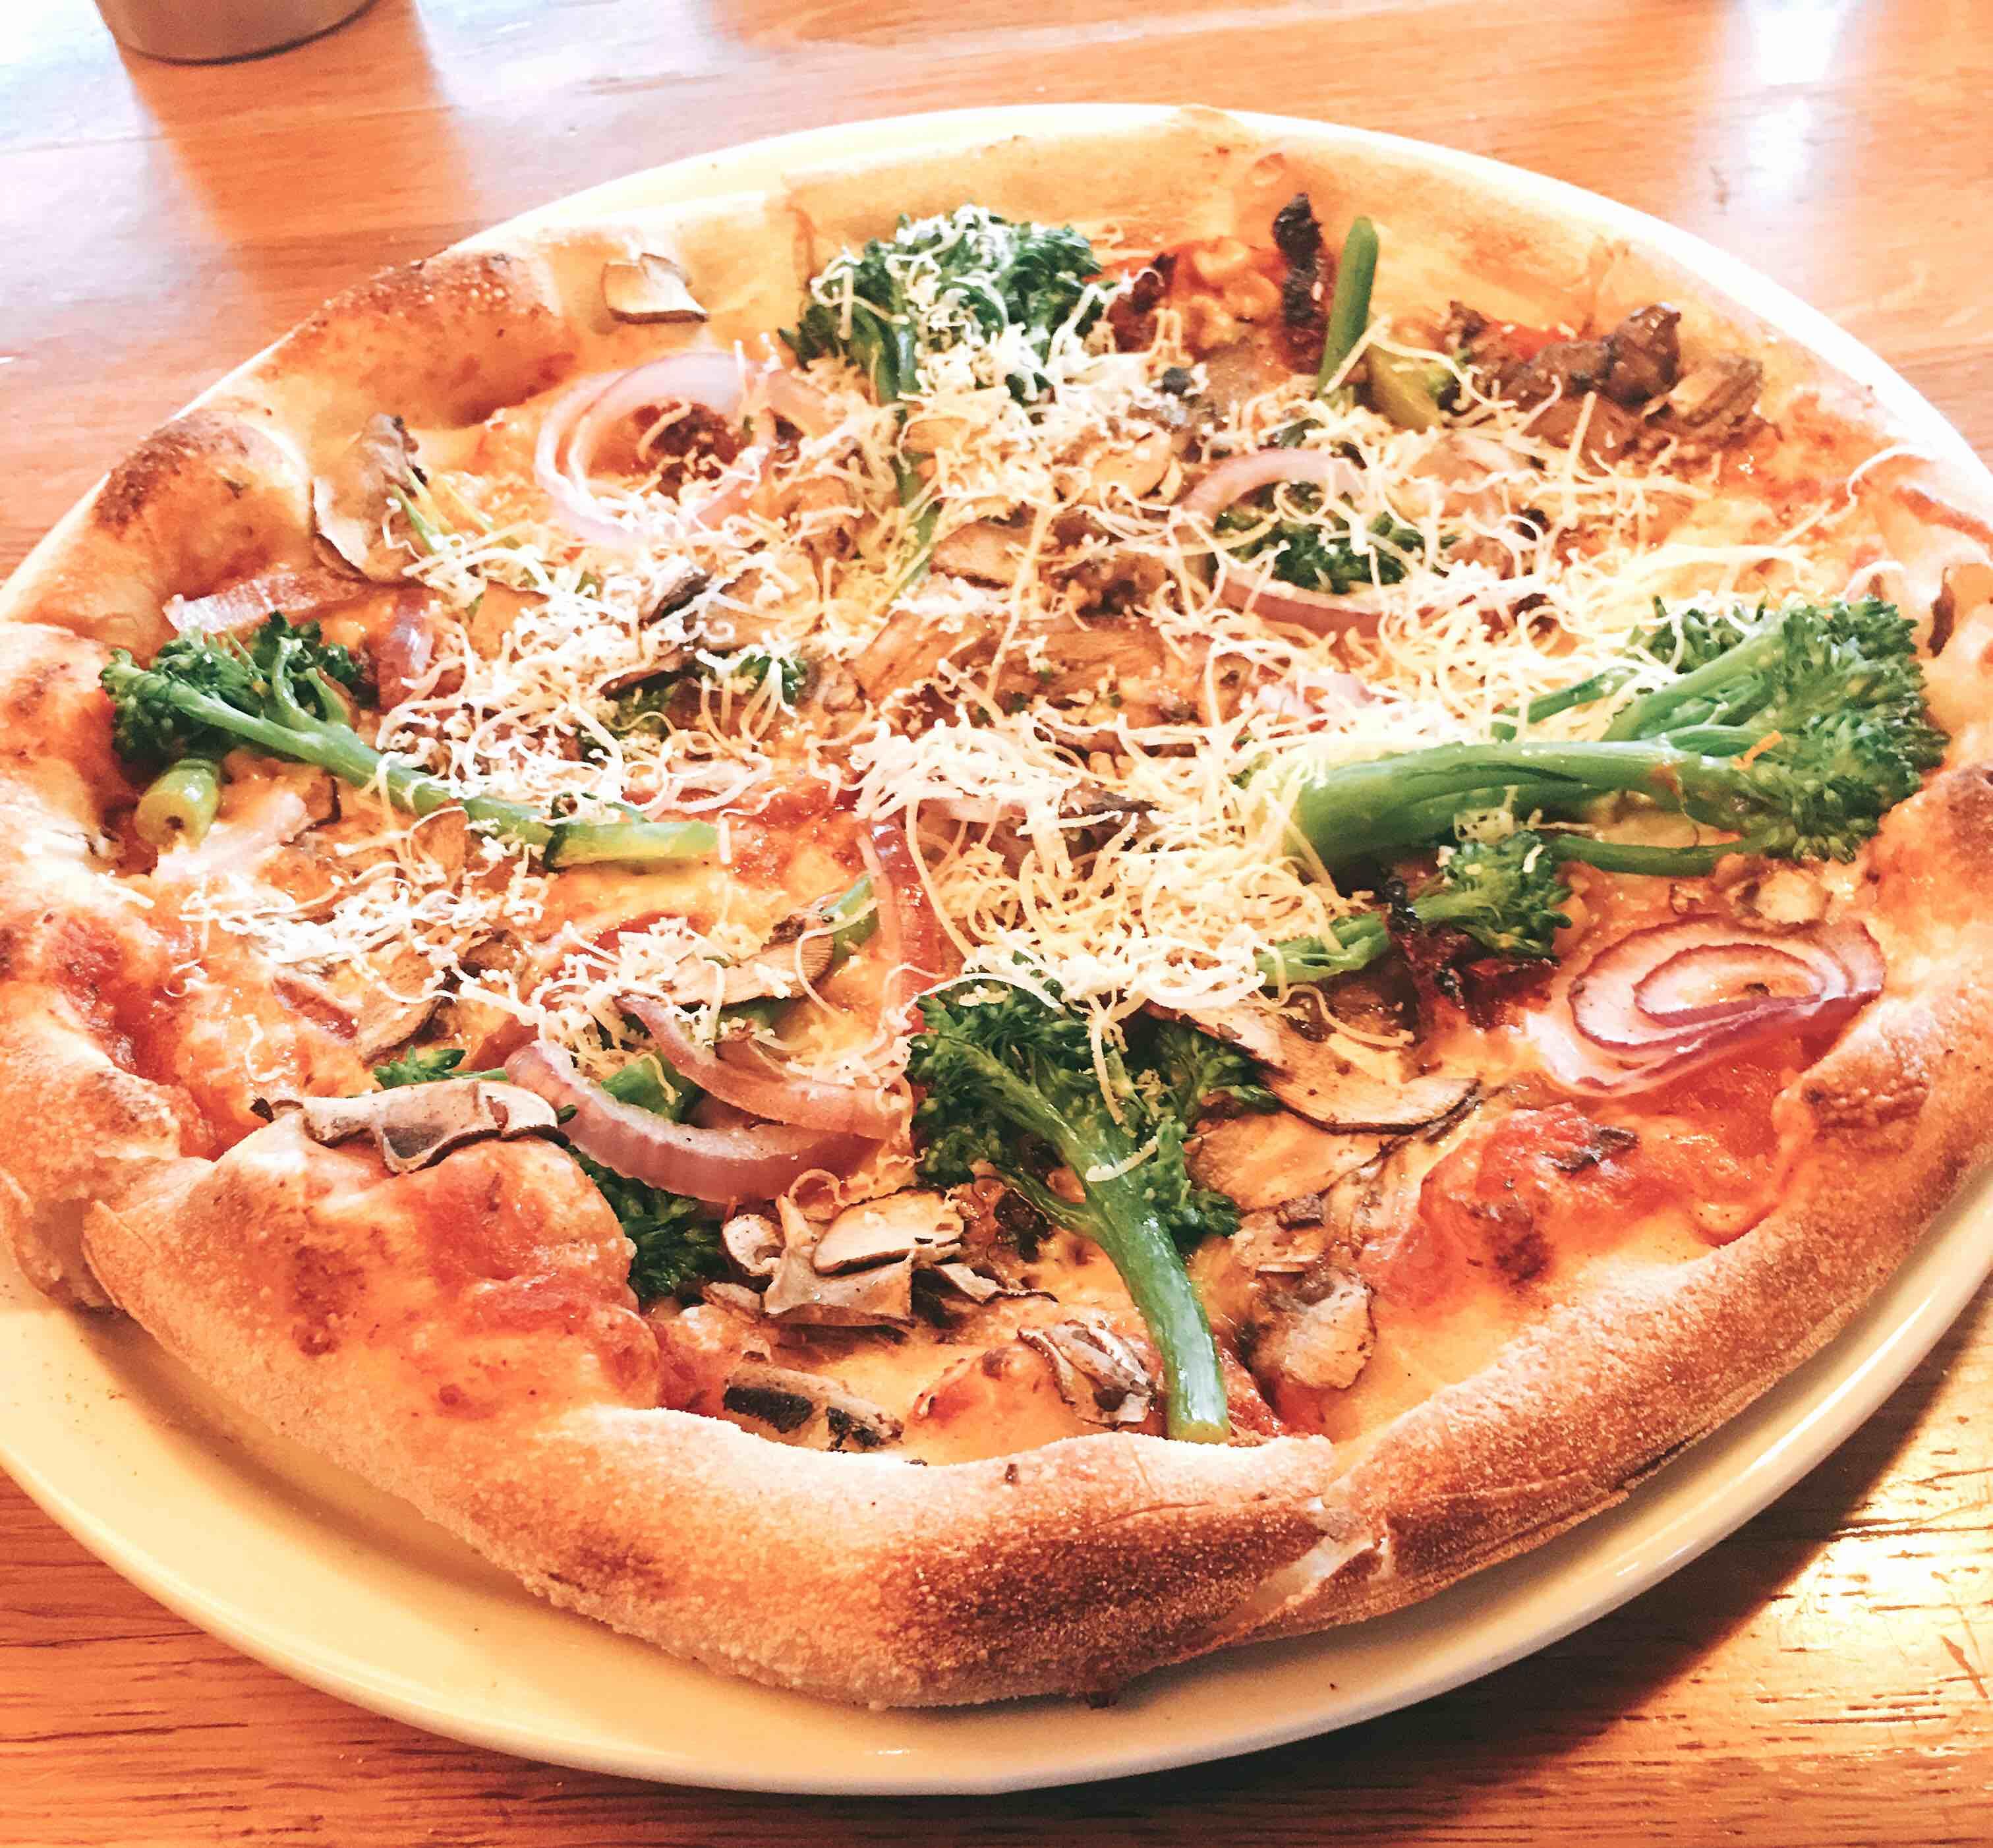 California Pizza Kitchen Pizza Size | Veggie Pizza California Pizza Kitchen Eats For Me